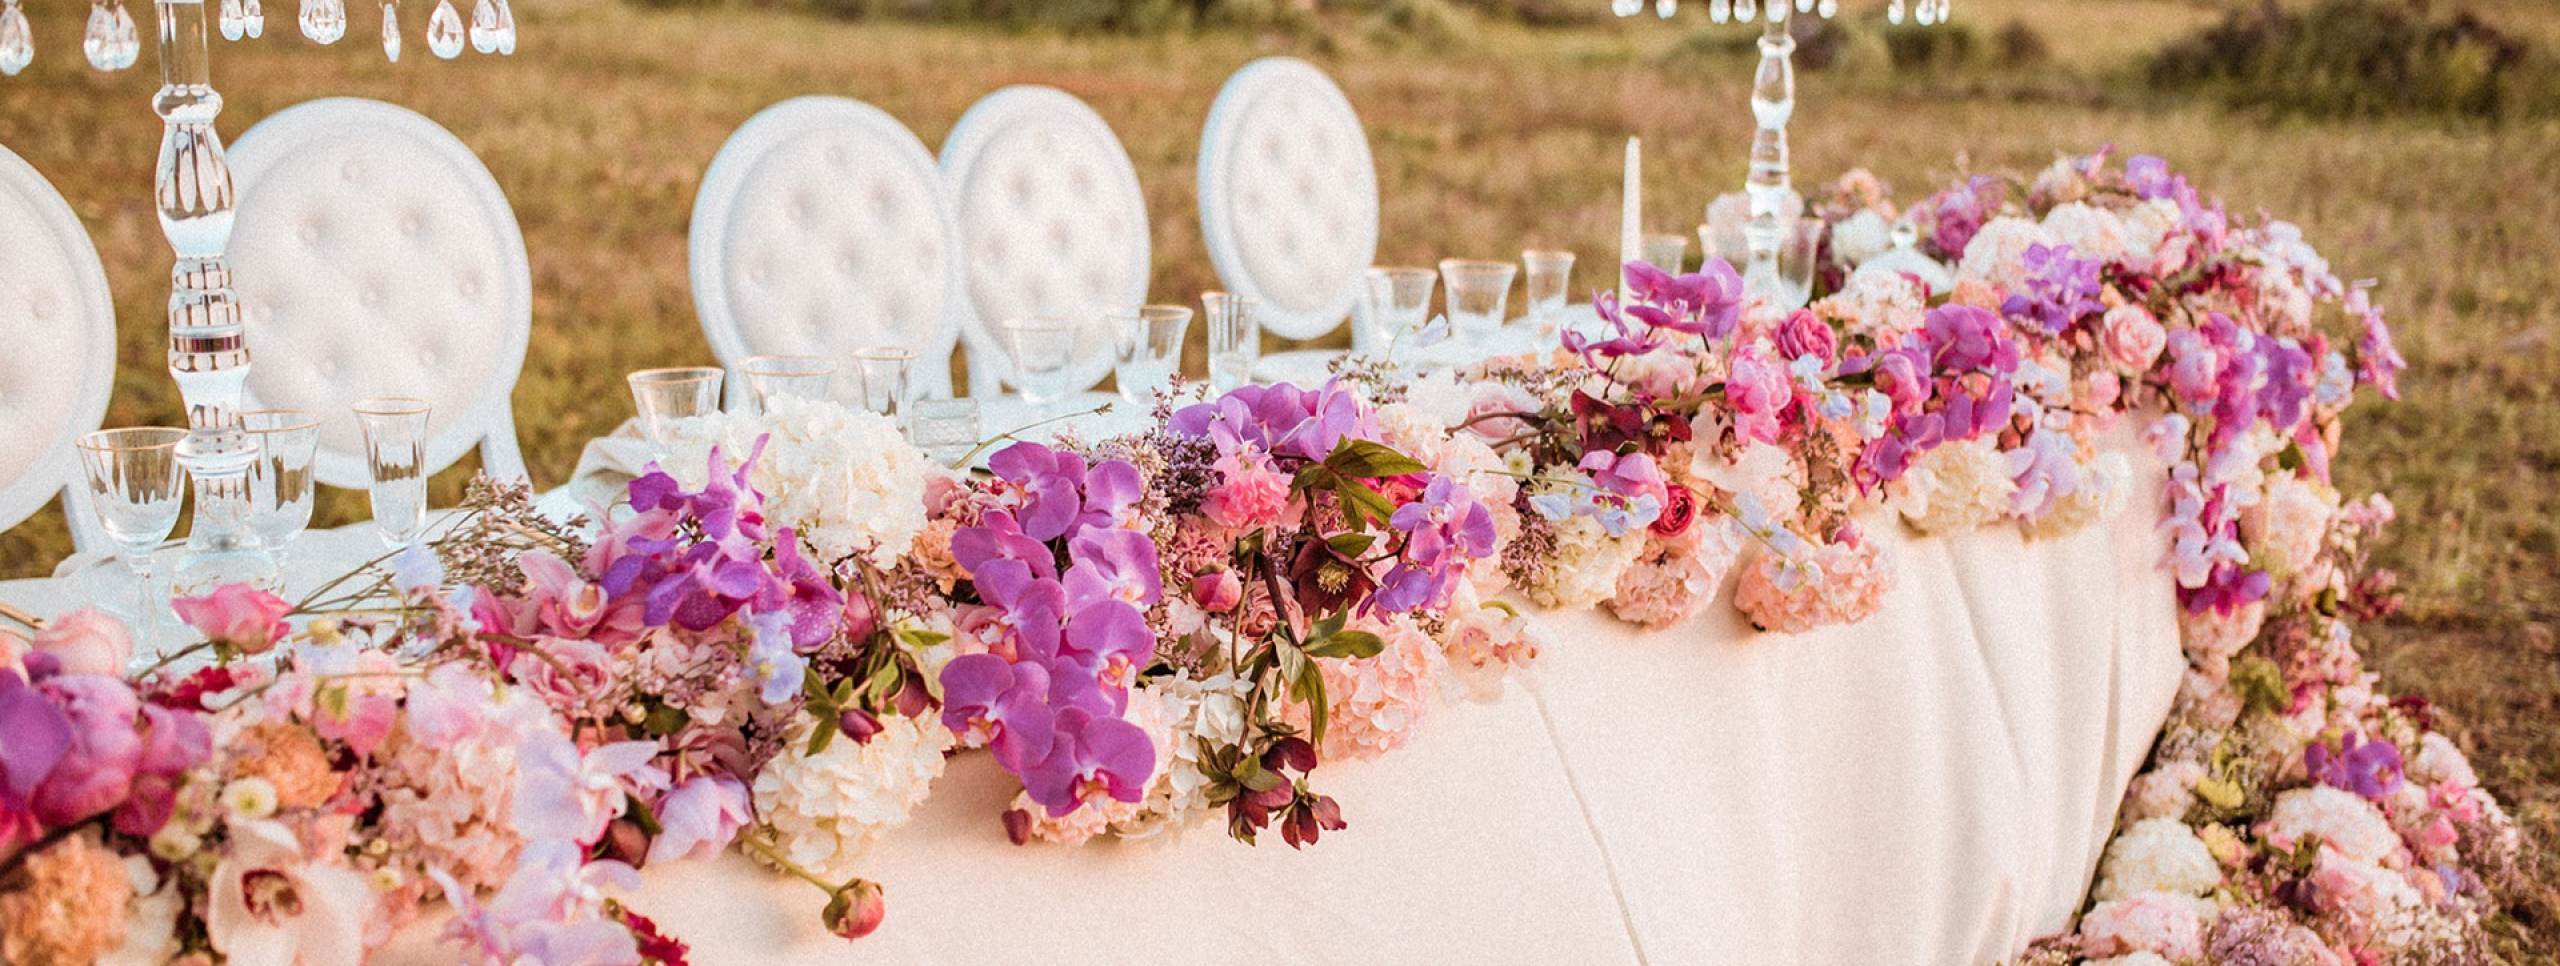 Floristeria en Boadilla del Monte. Bonsai Floristas. Decoración de bodas civiles y religiosas.